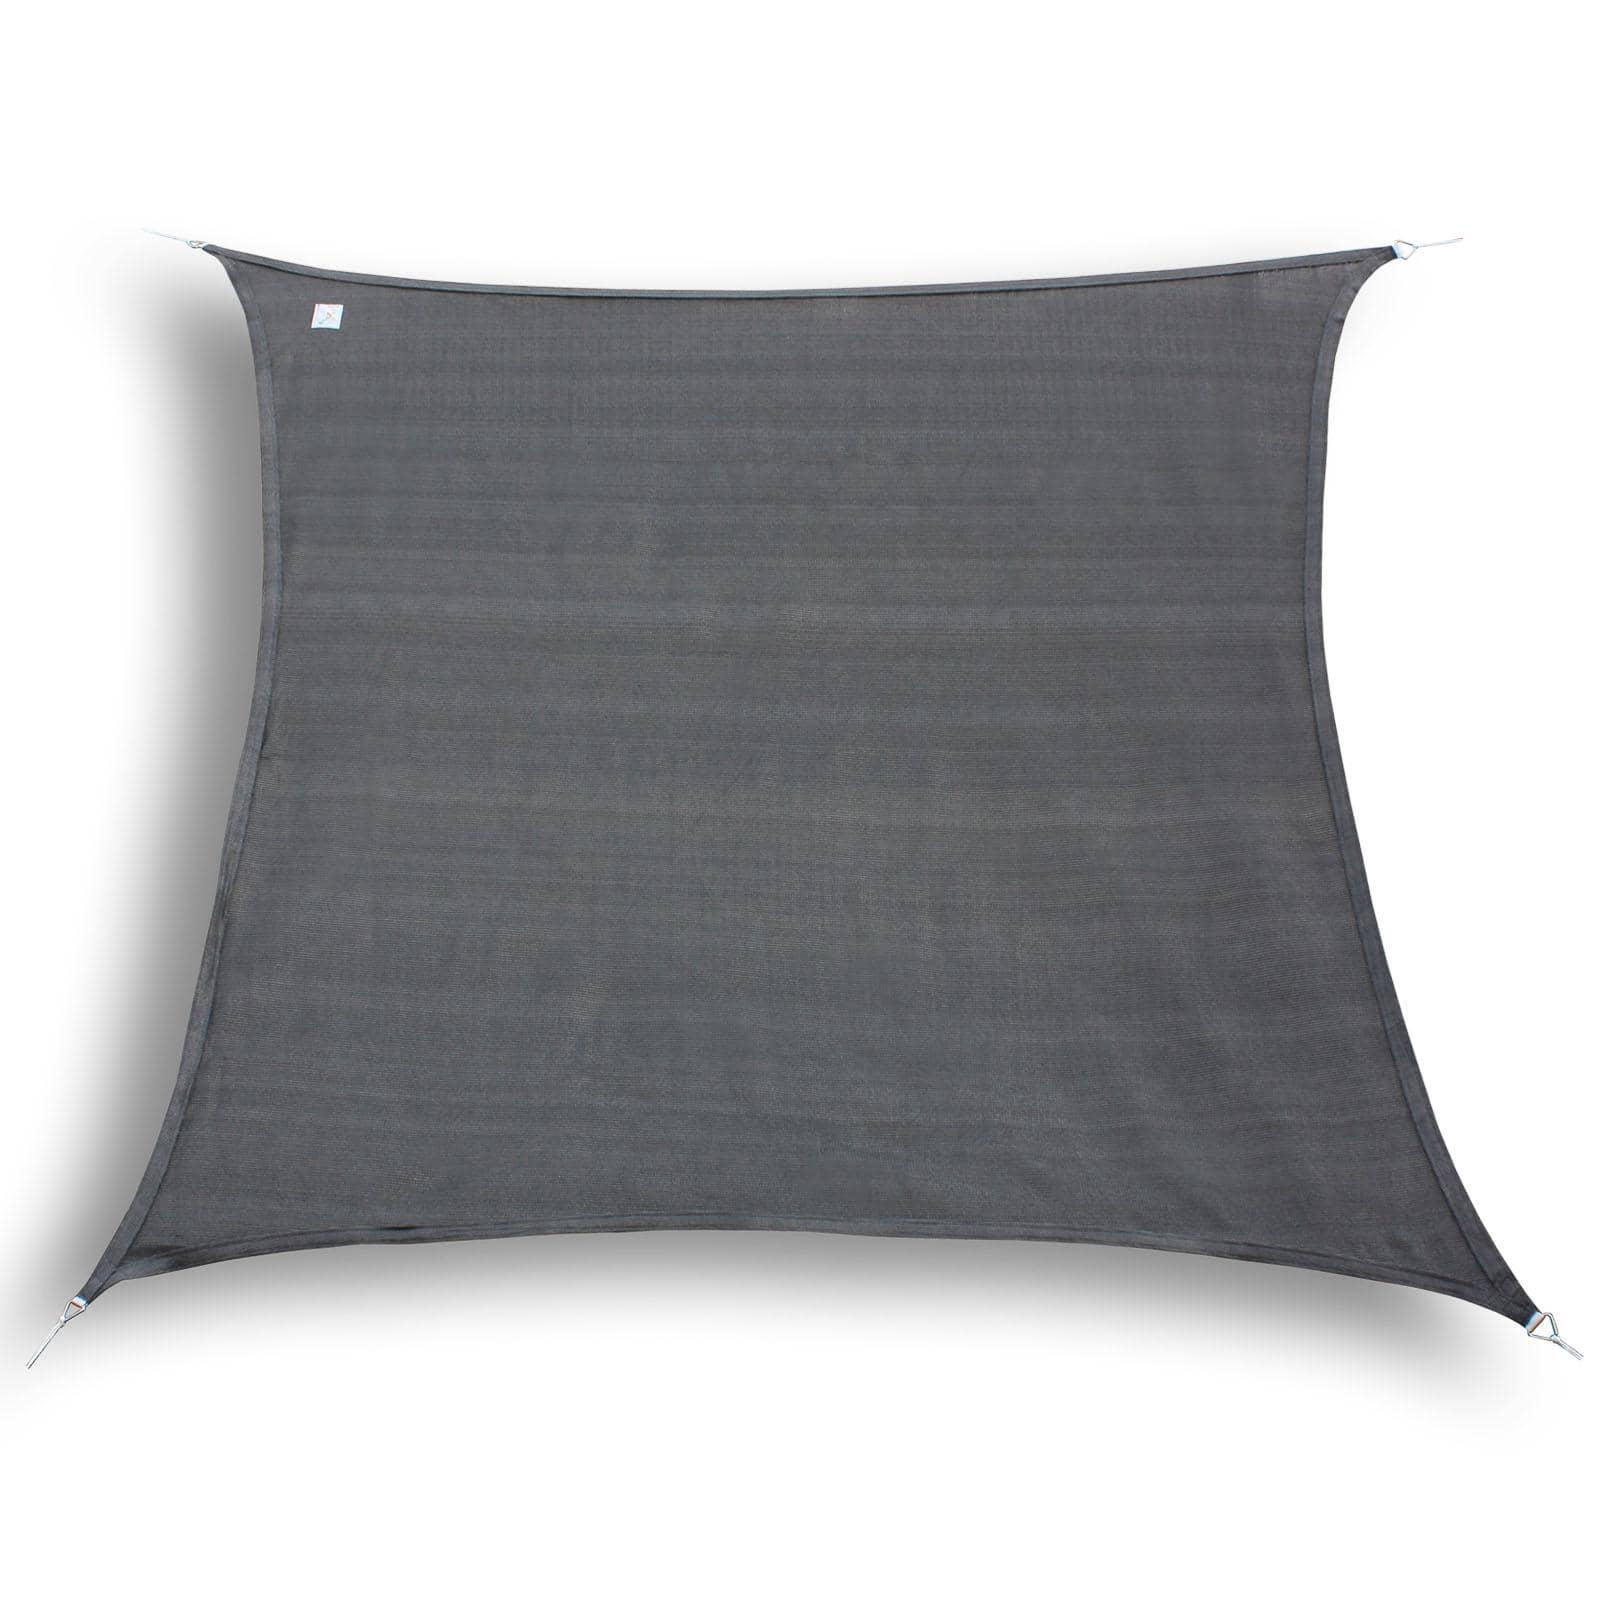 hanSe® Schaduwdoek Vierkant Waterdoorlatend 4,5x4,5 m - Grijs